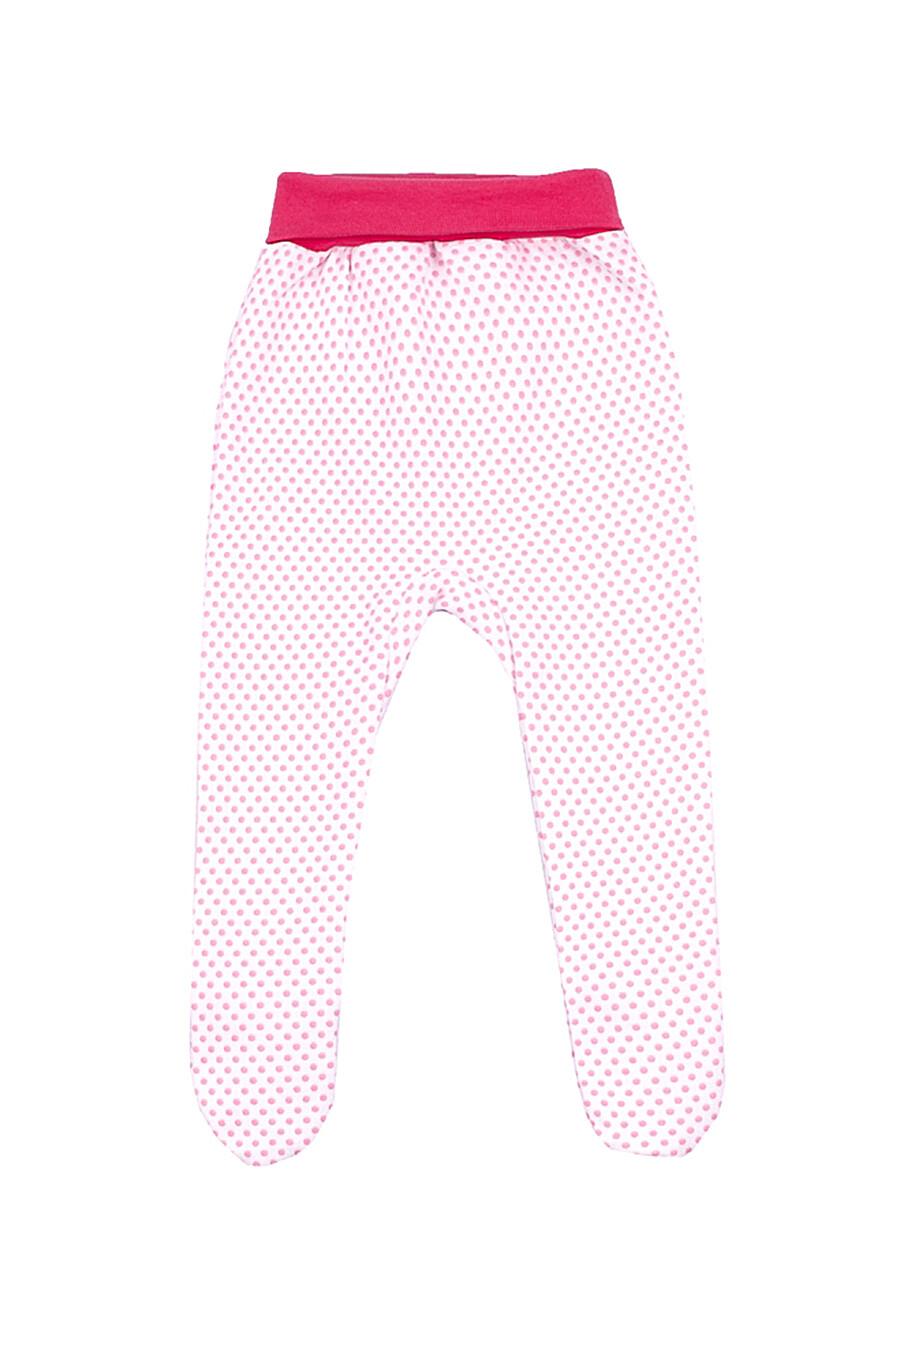 Ползунки для девочек АПРЕЛЬ 699939 купить оптом от производителя. Совместная покупка детской одежды в OptMoyo